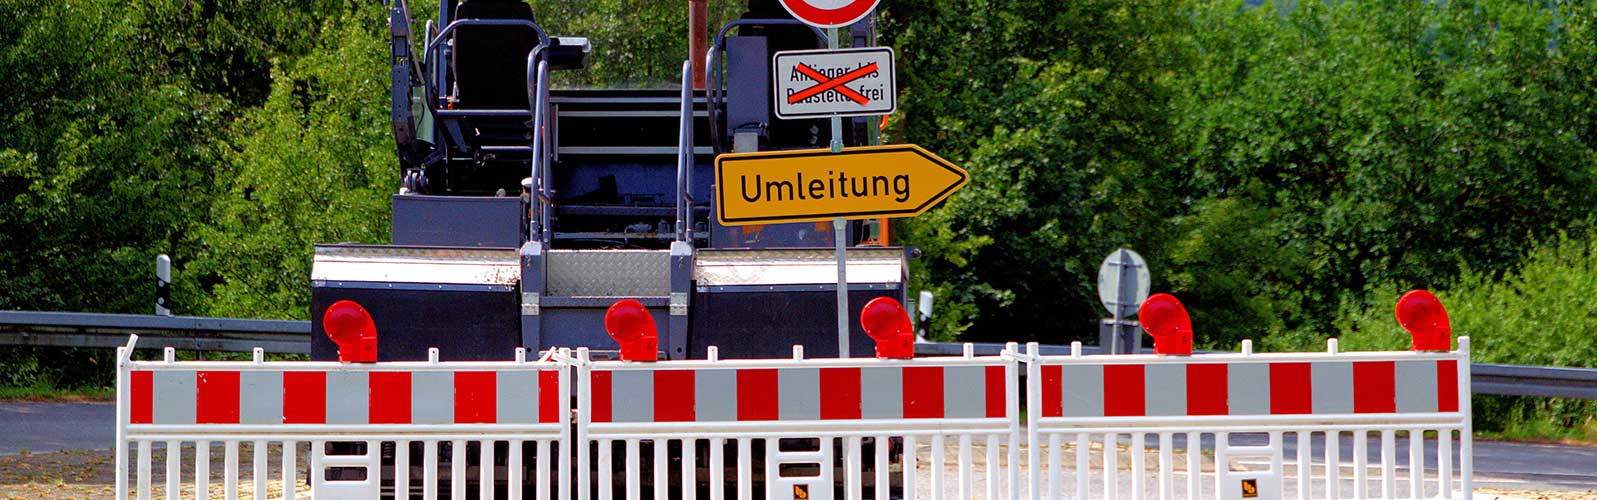 Header Verkehrsabsicherung Maschinenring Starnberg GmbH